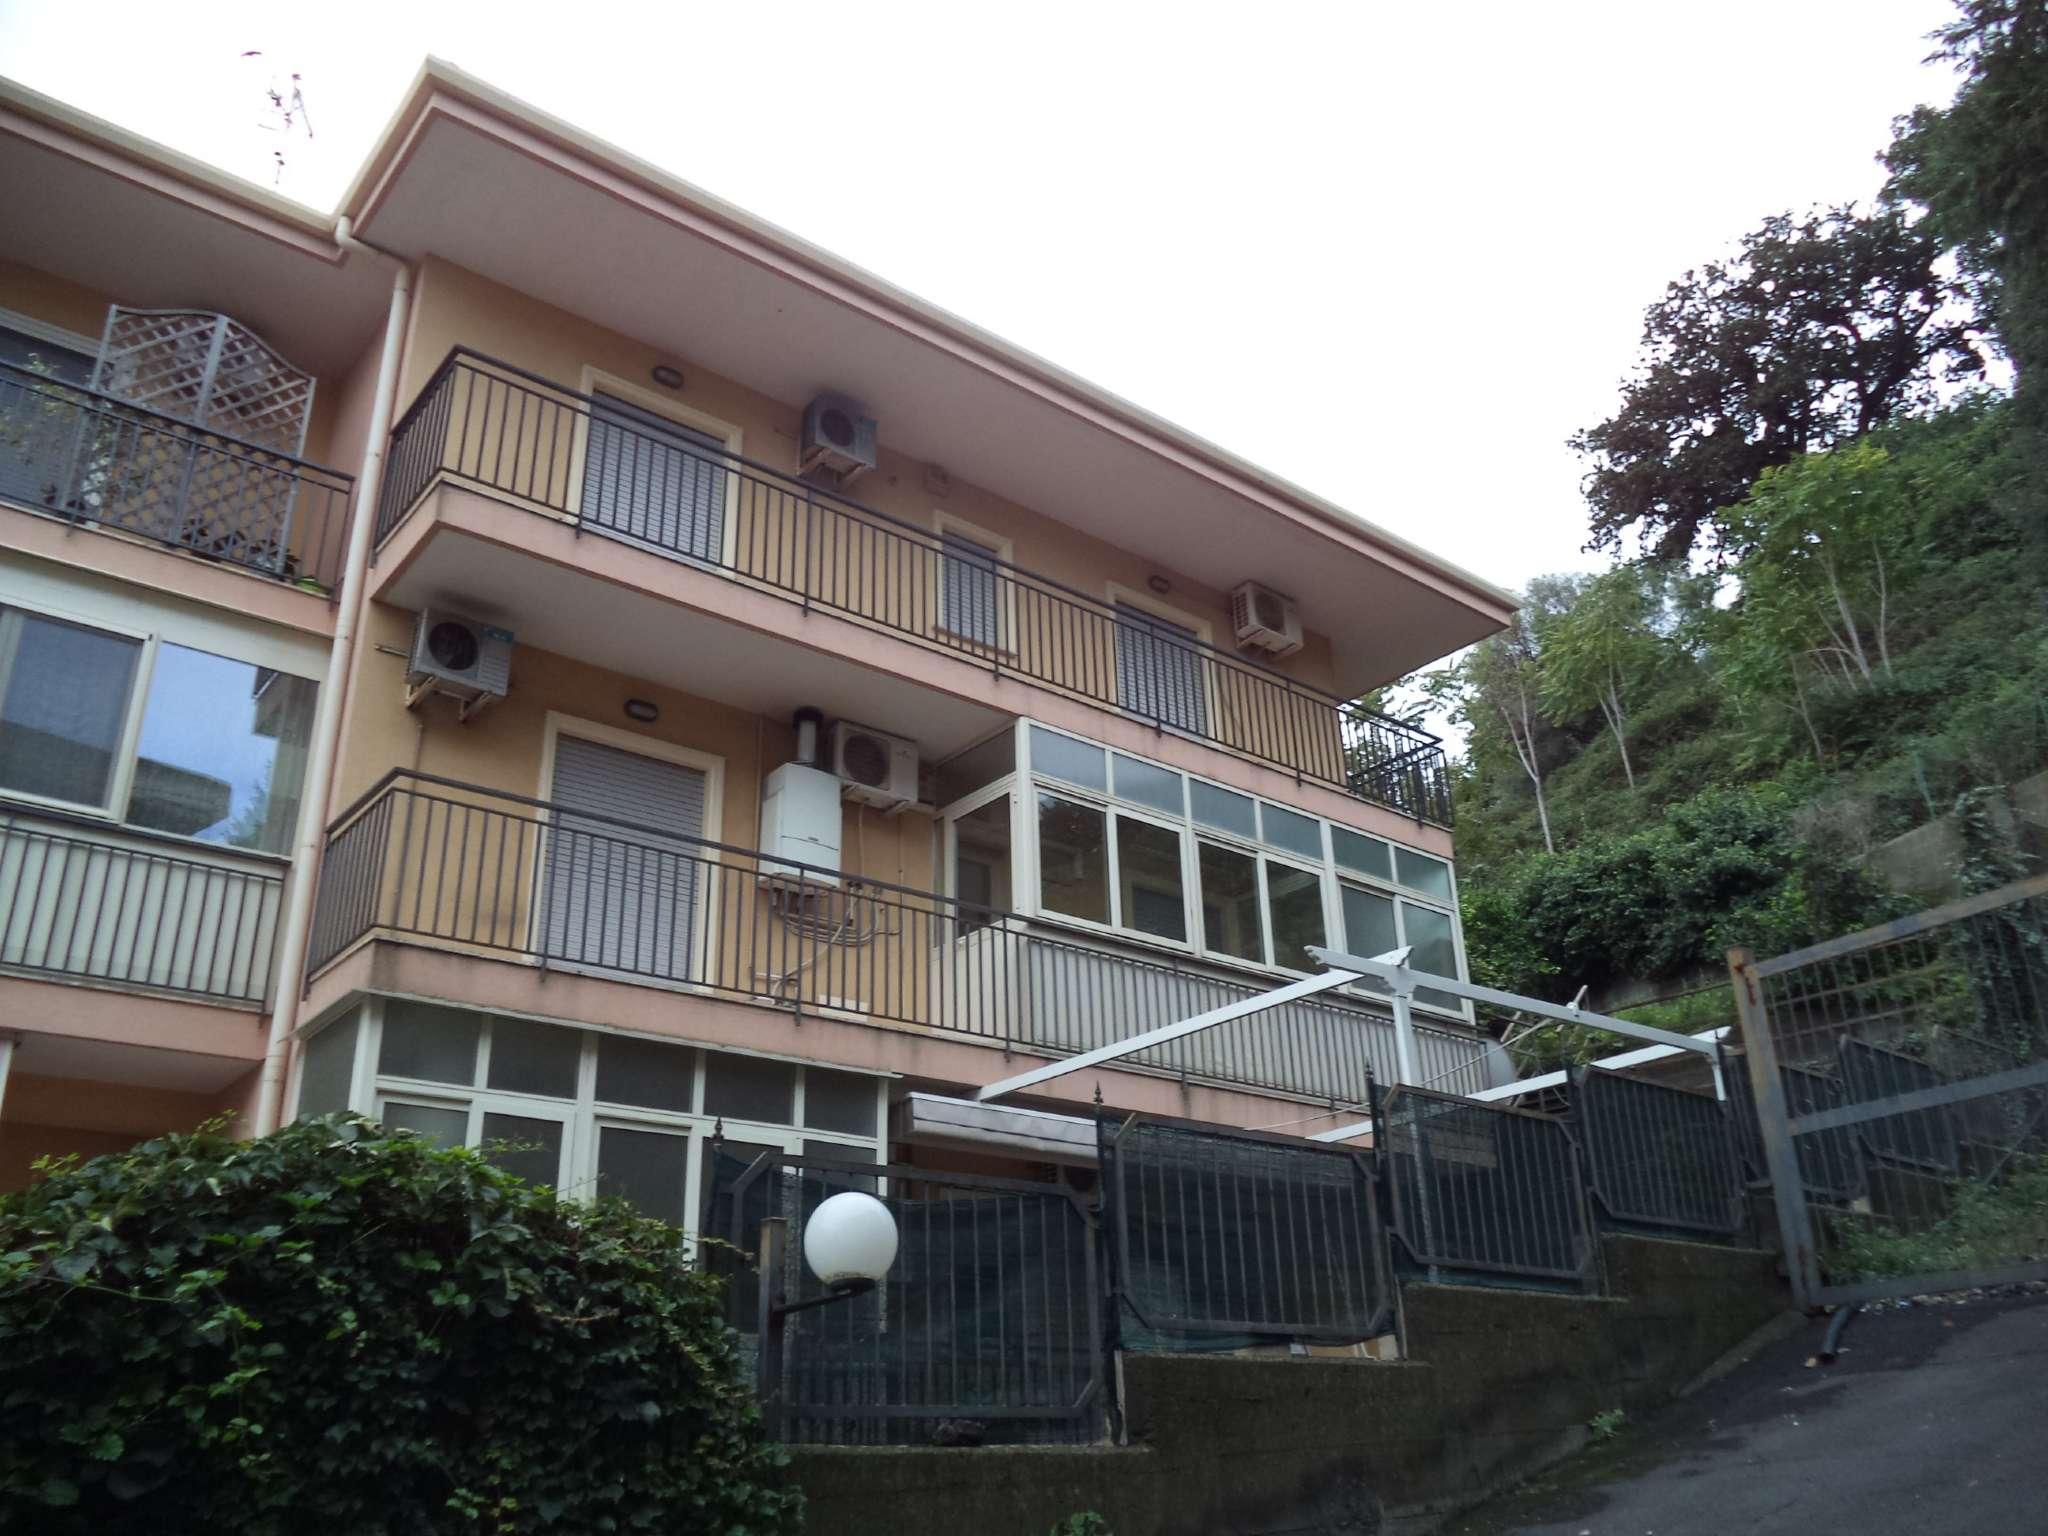 Trilocale su due livelli con veranda e garage